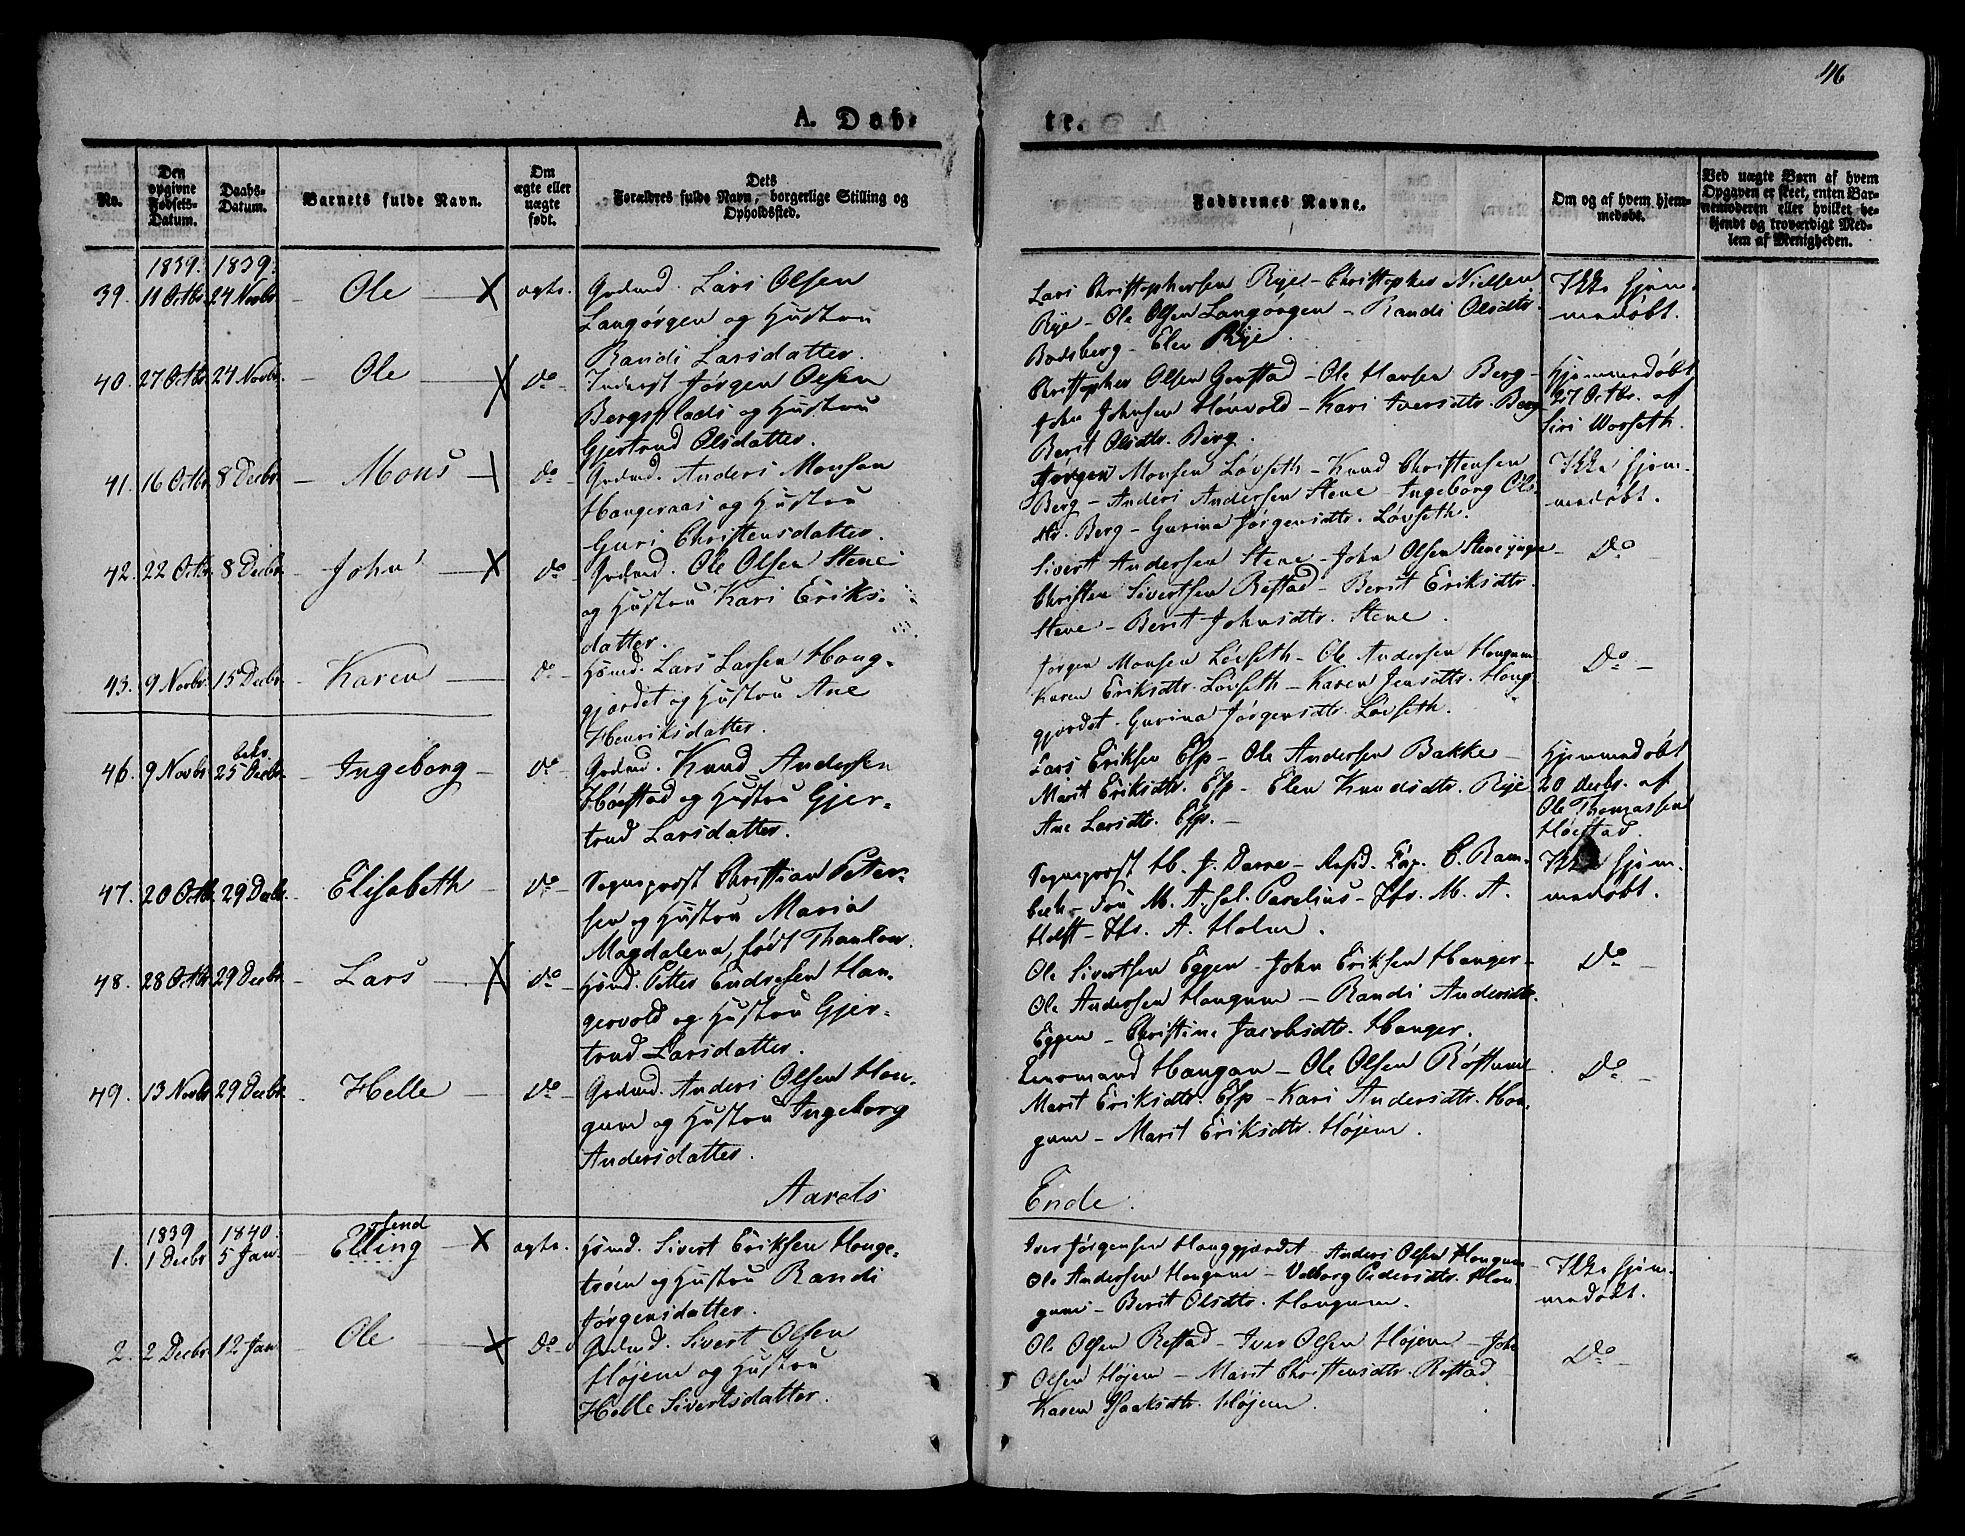 SAT, Ministerialprotokoller, klokkerbøker og fødselsregistre - Sør-Trøndelag, 612/L0374: Ministerialbok nr. 612A07 /1, 1829-1845, s. 46